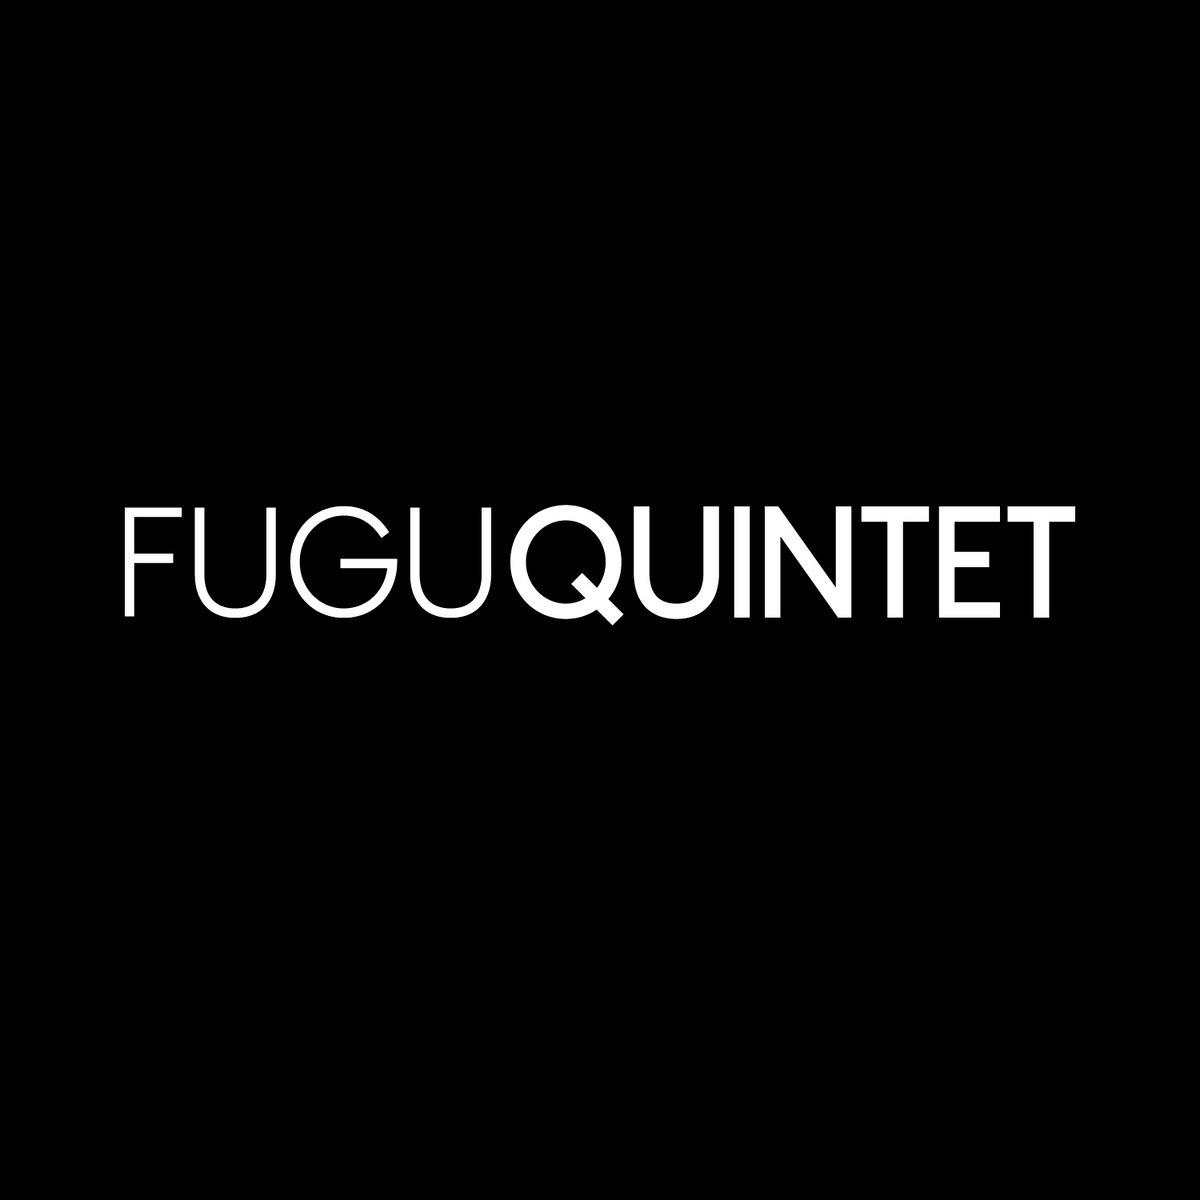 FUGU QUINTET picture